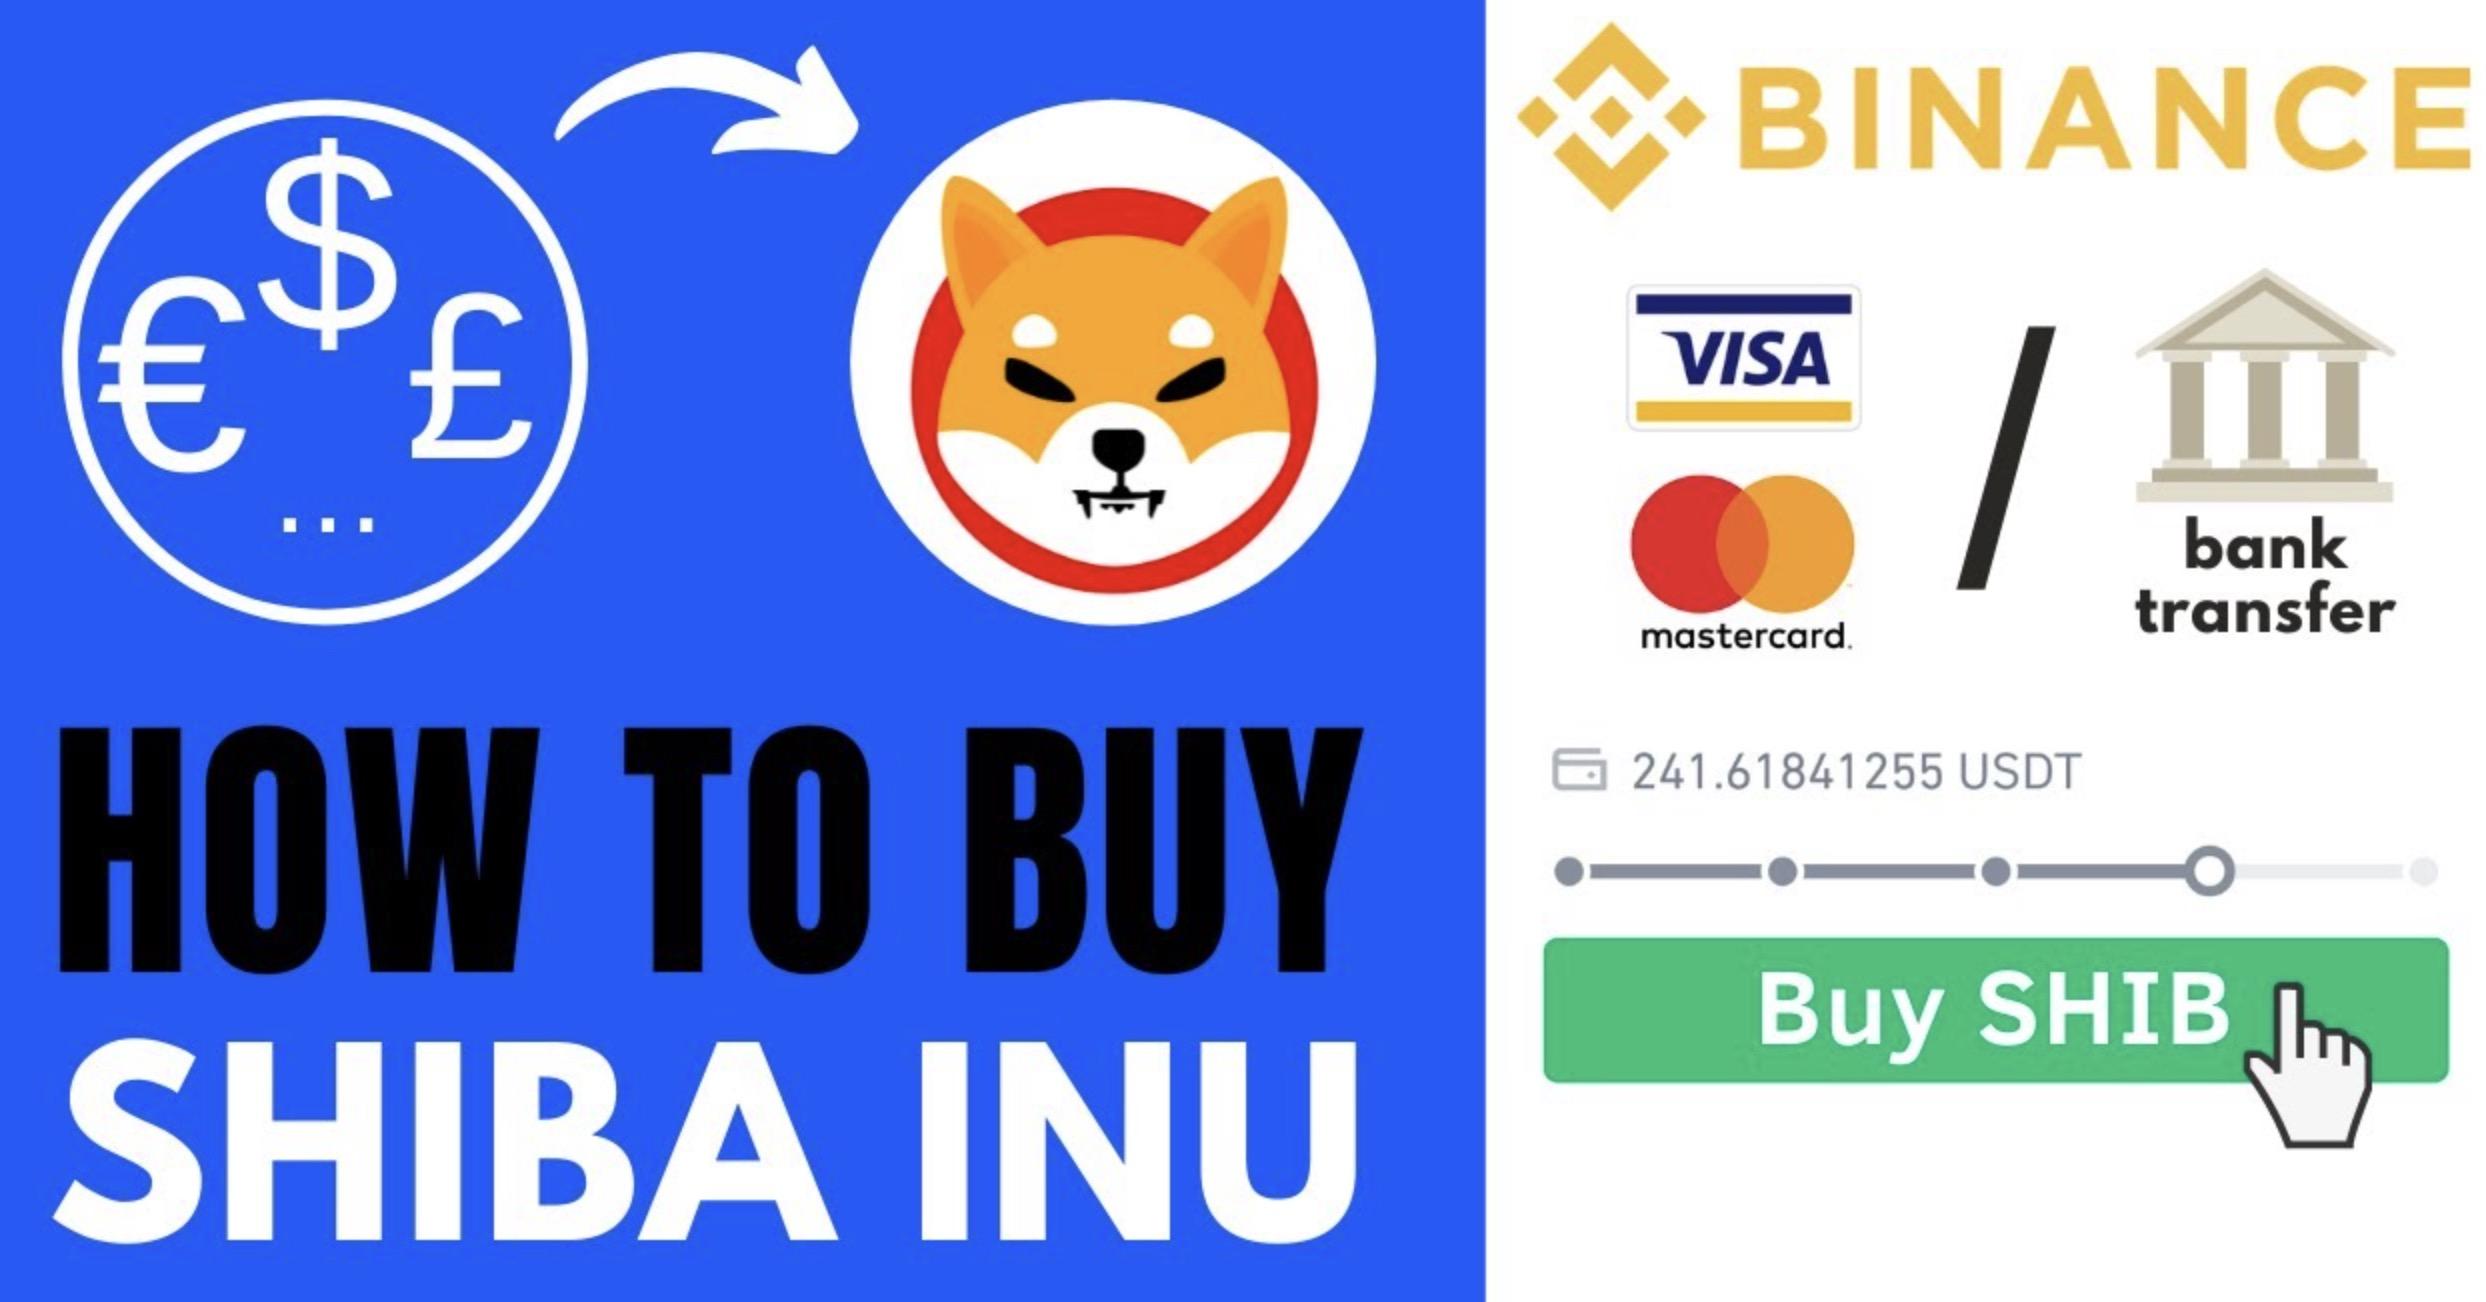 where to buy shib